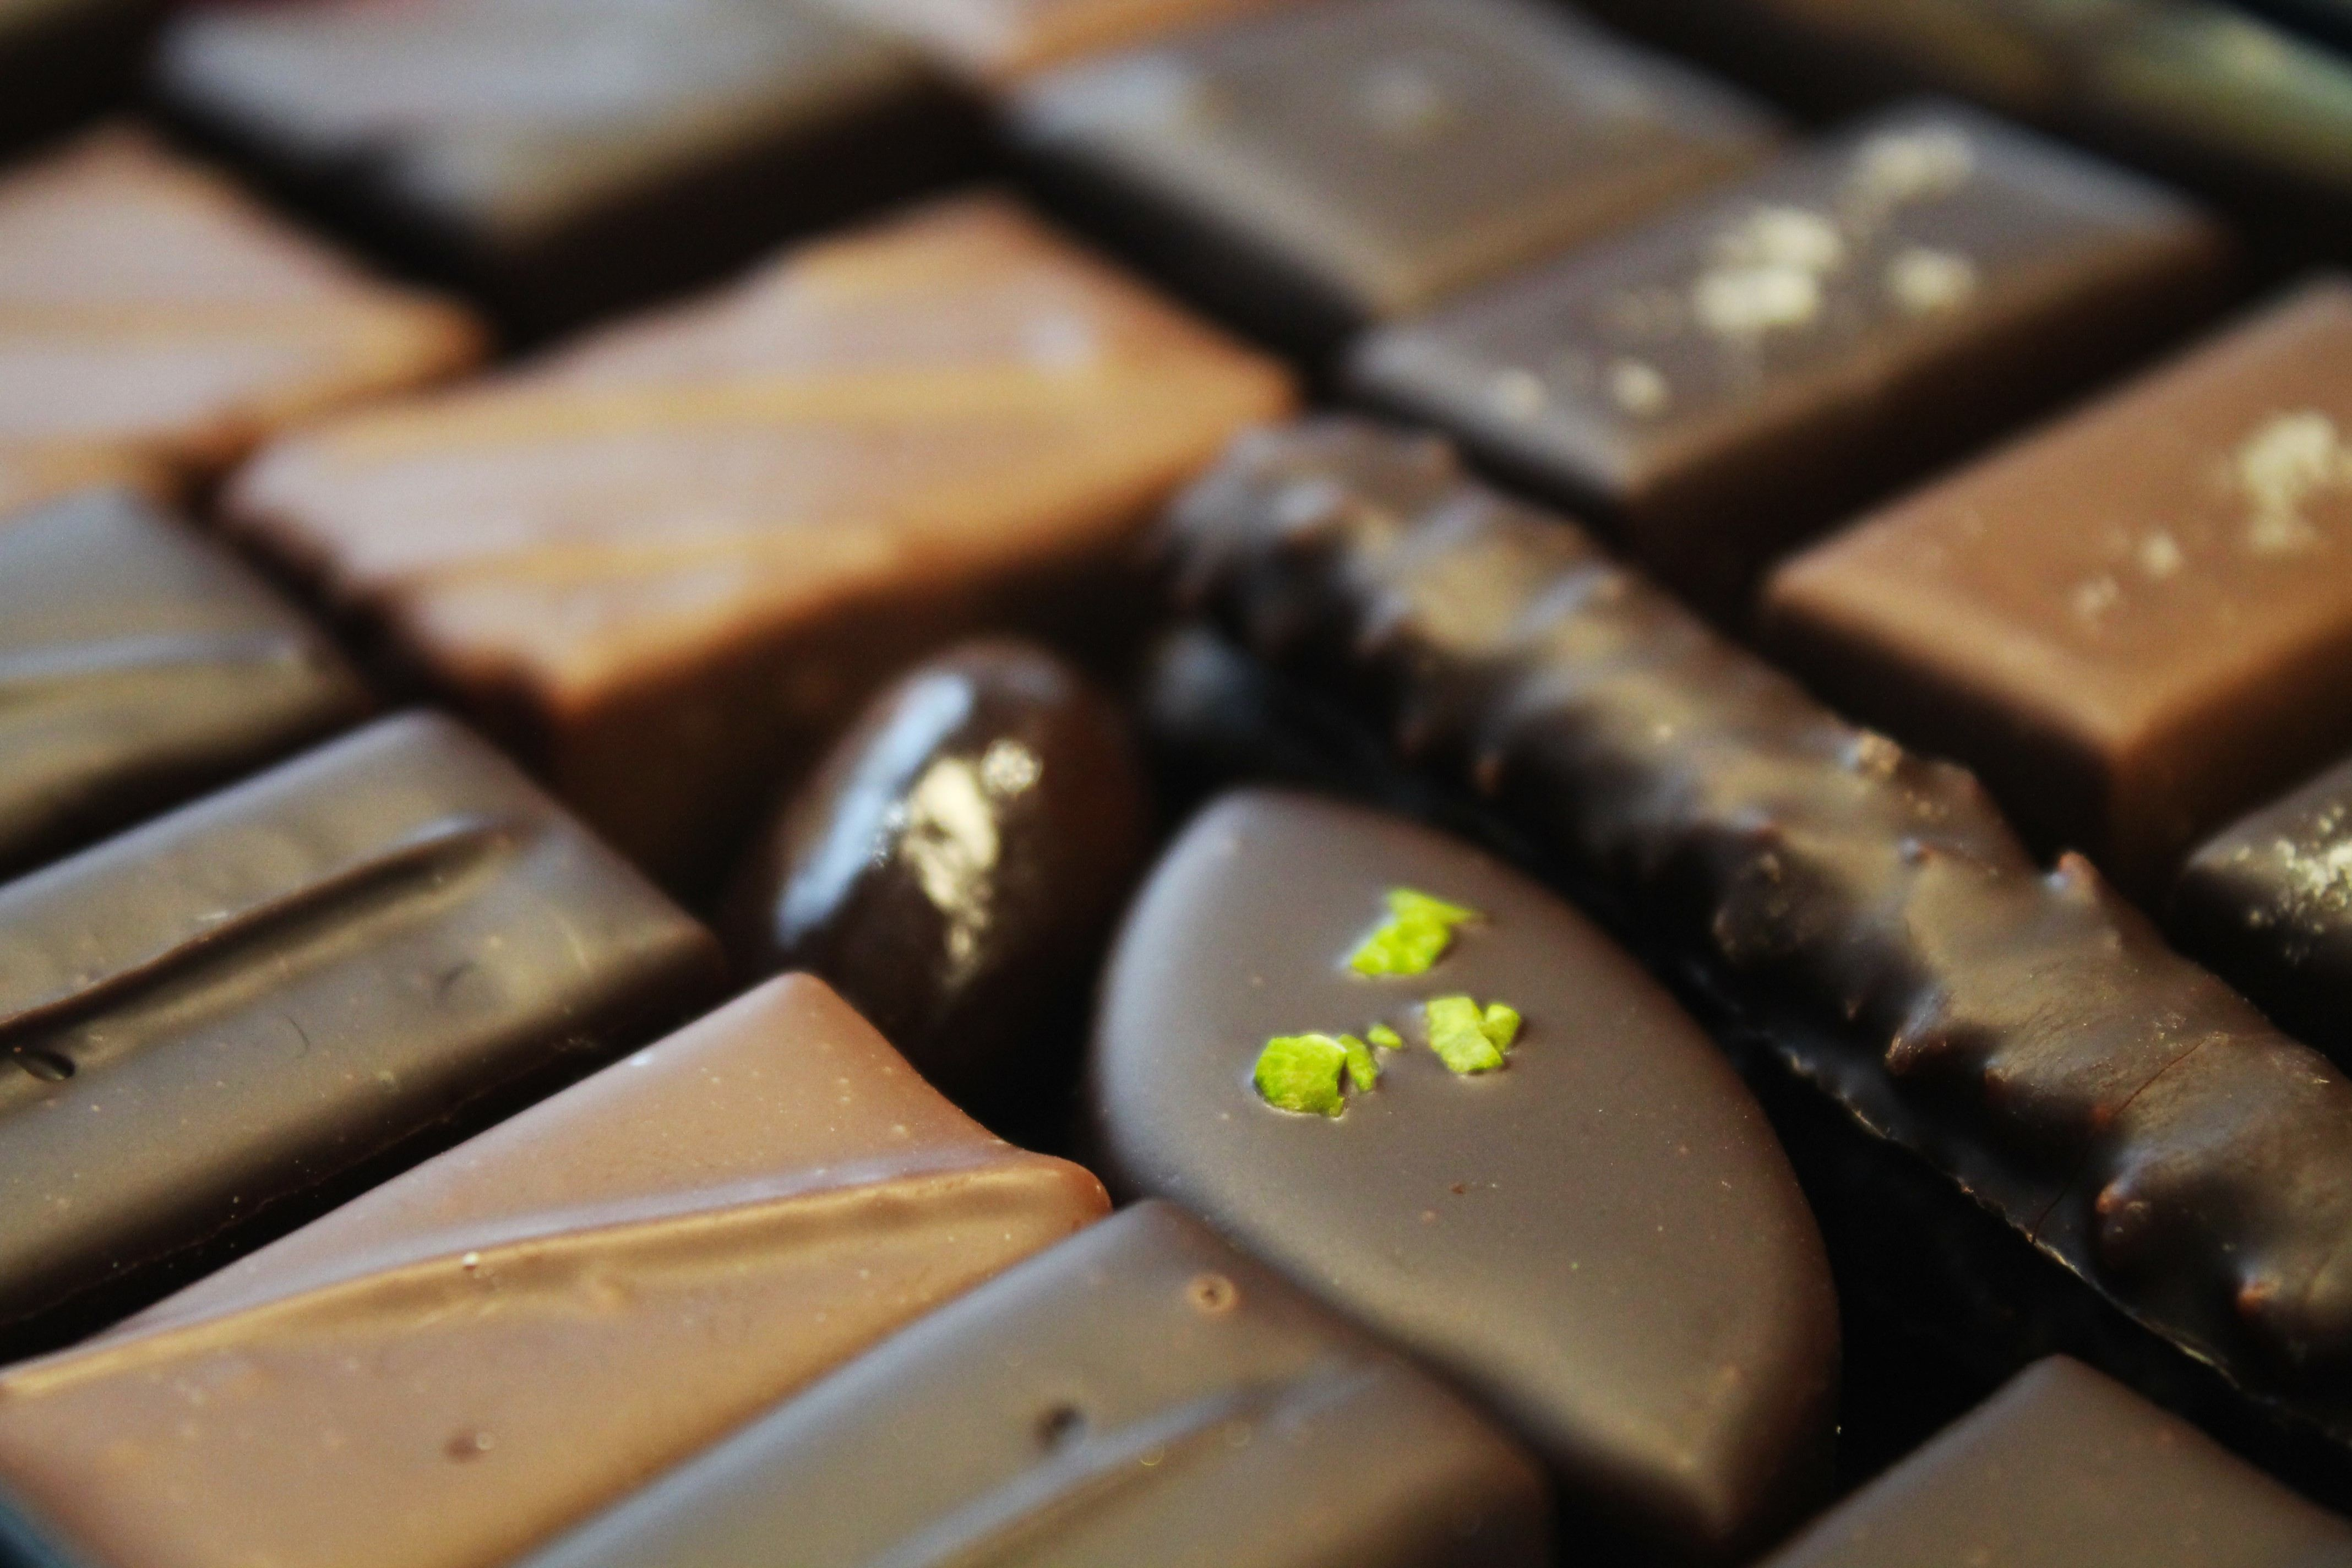 chocolaterie illèné pâtisserie 75018 paris montmartre petit commerce petitscommerces.fr chocolat wasabi